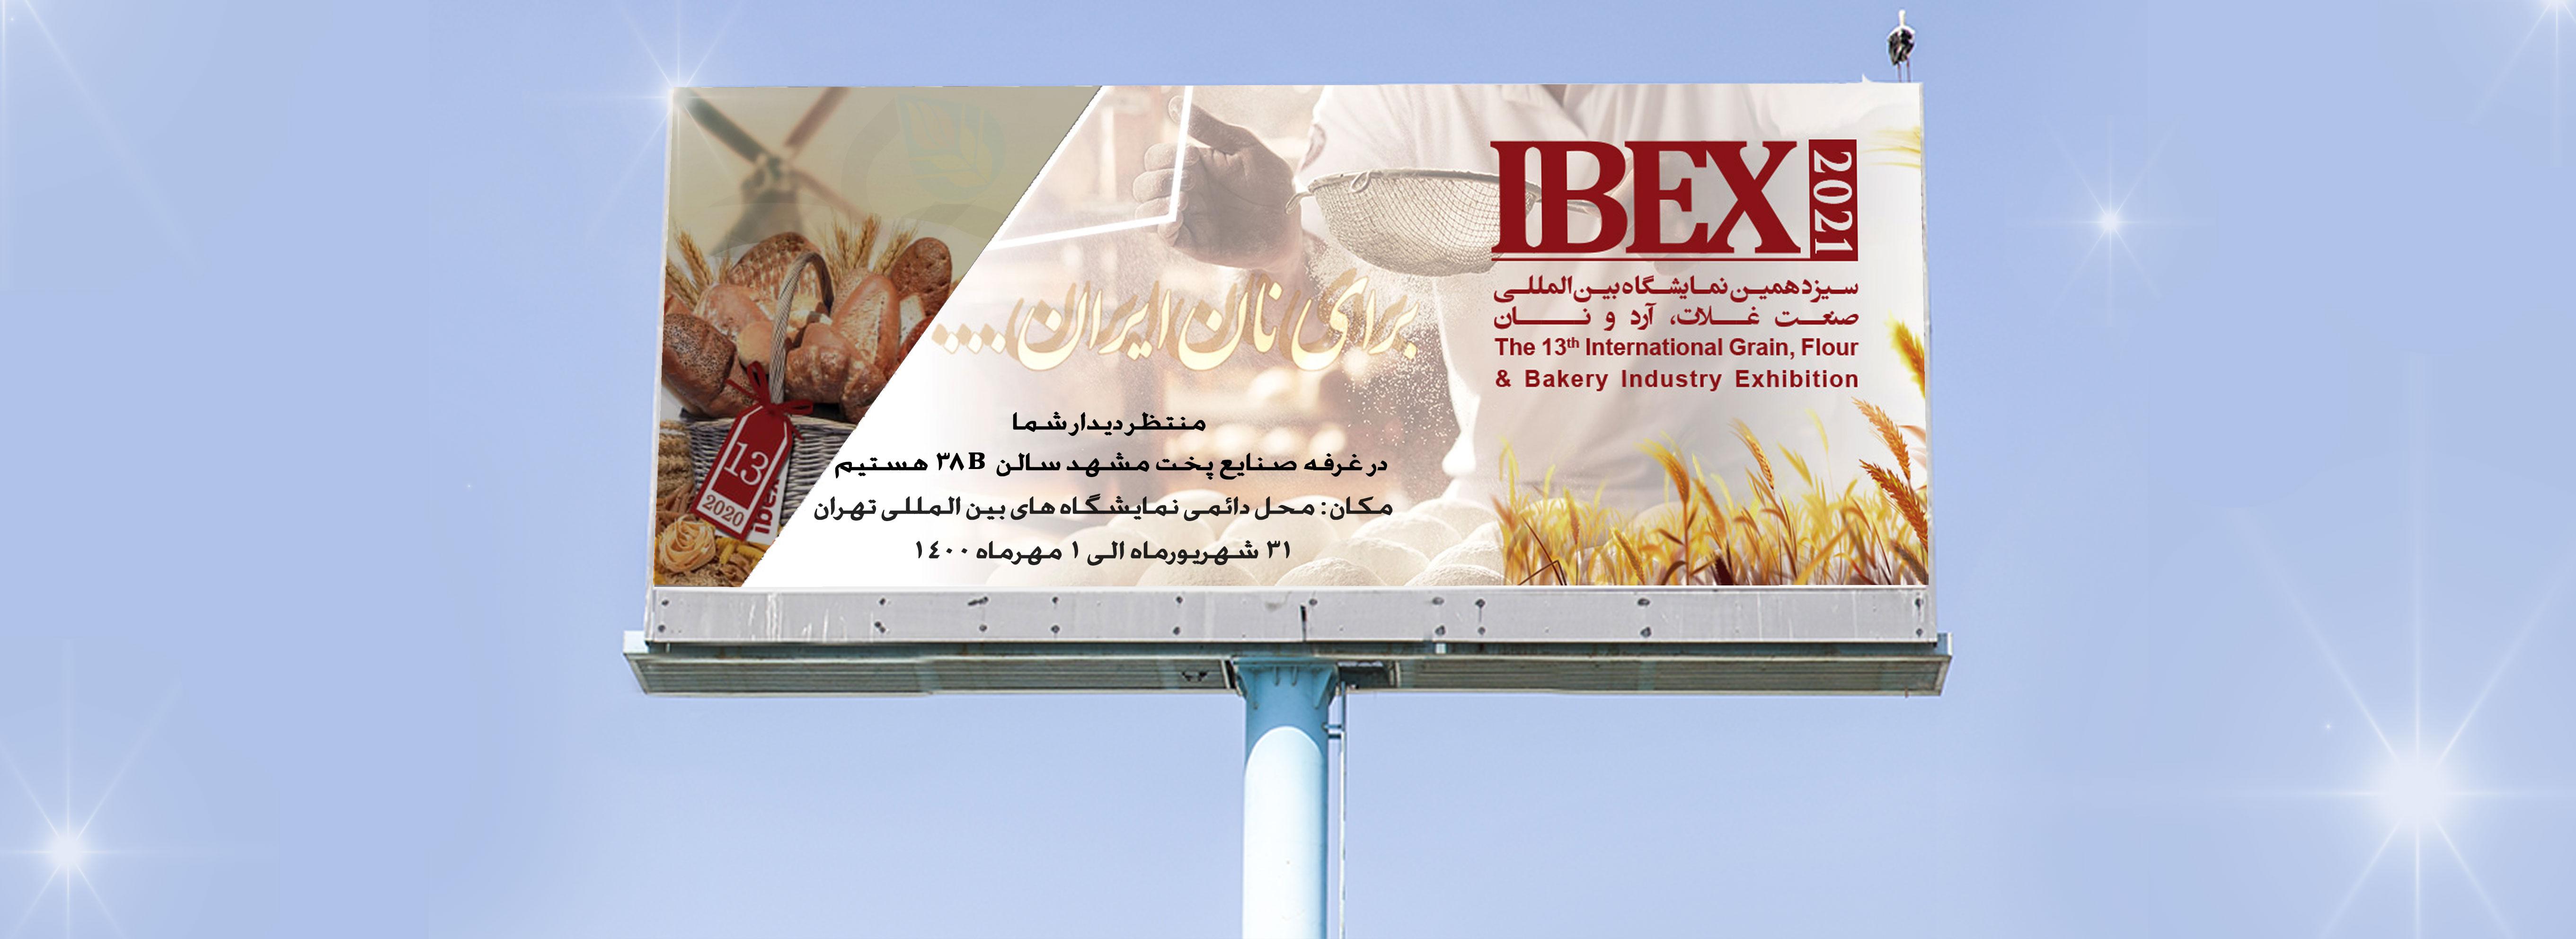 حضور صنایع پخت مشهد در سیزدهمین نمایشگاه بین المللی صنعت،آرد،نان و شیرینی(Ibex 2021)